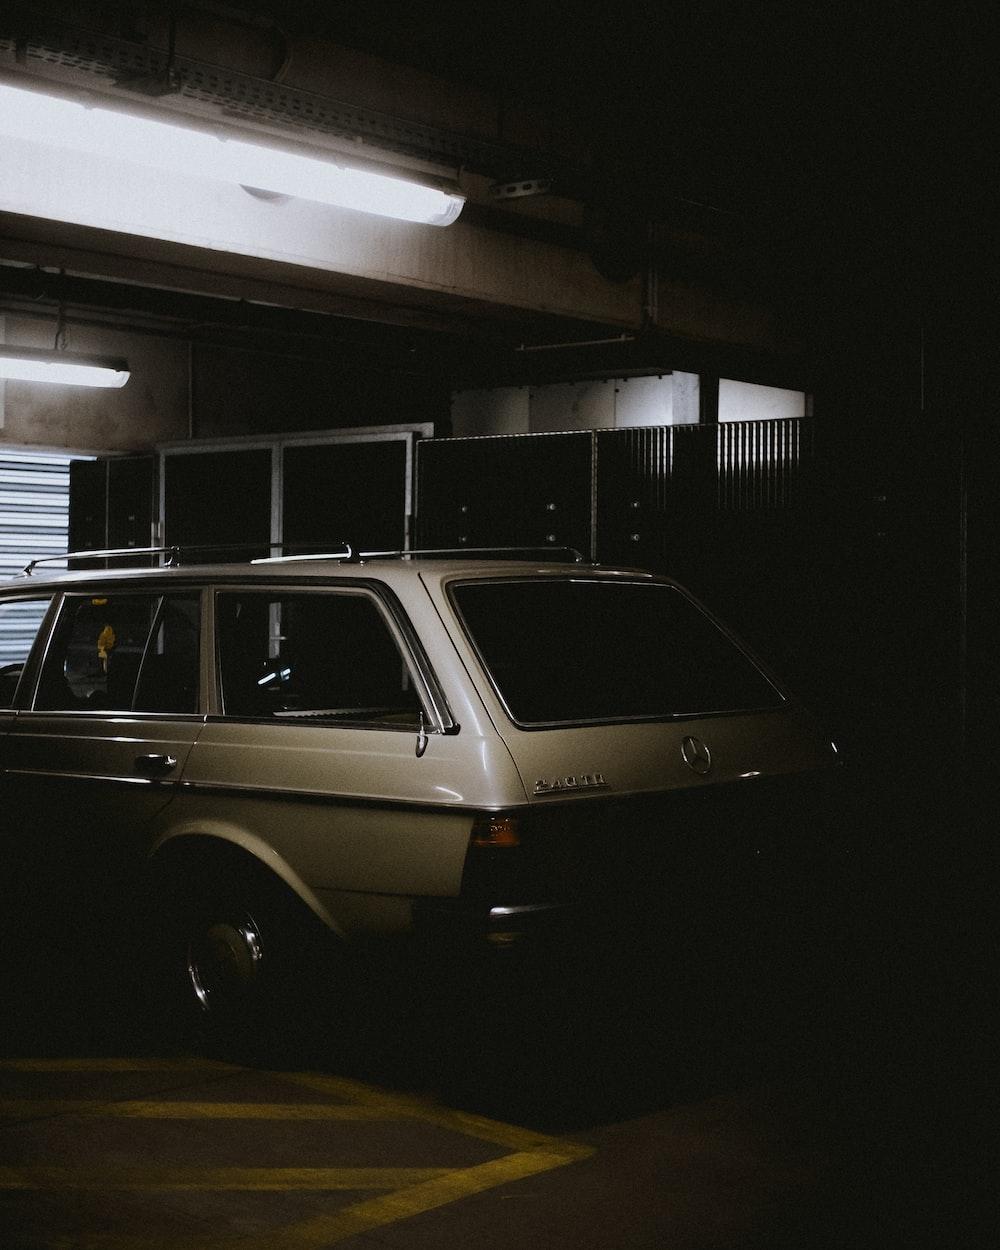 white 5-door hatchback parking inside building